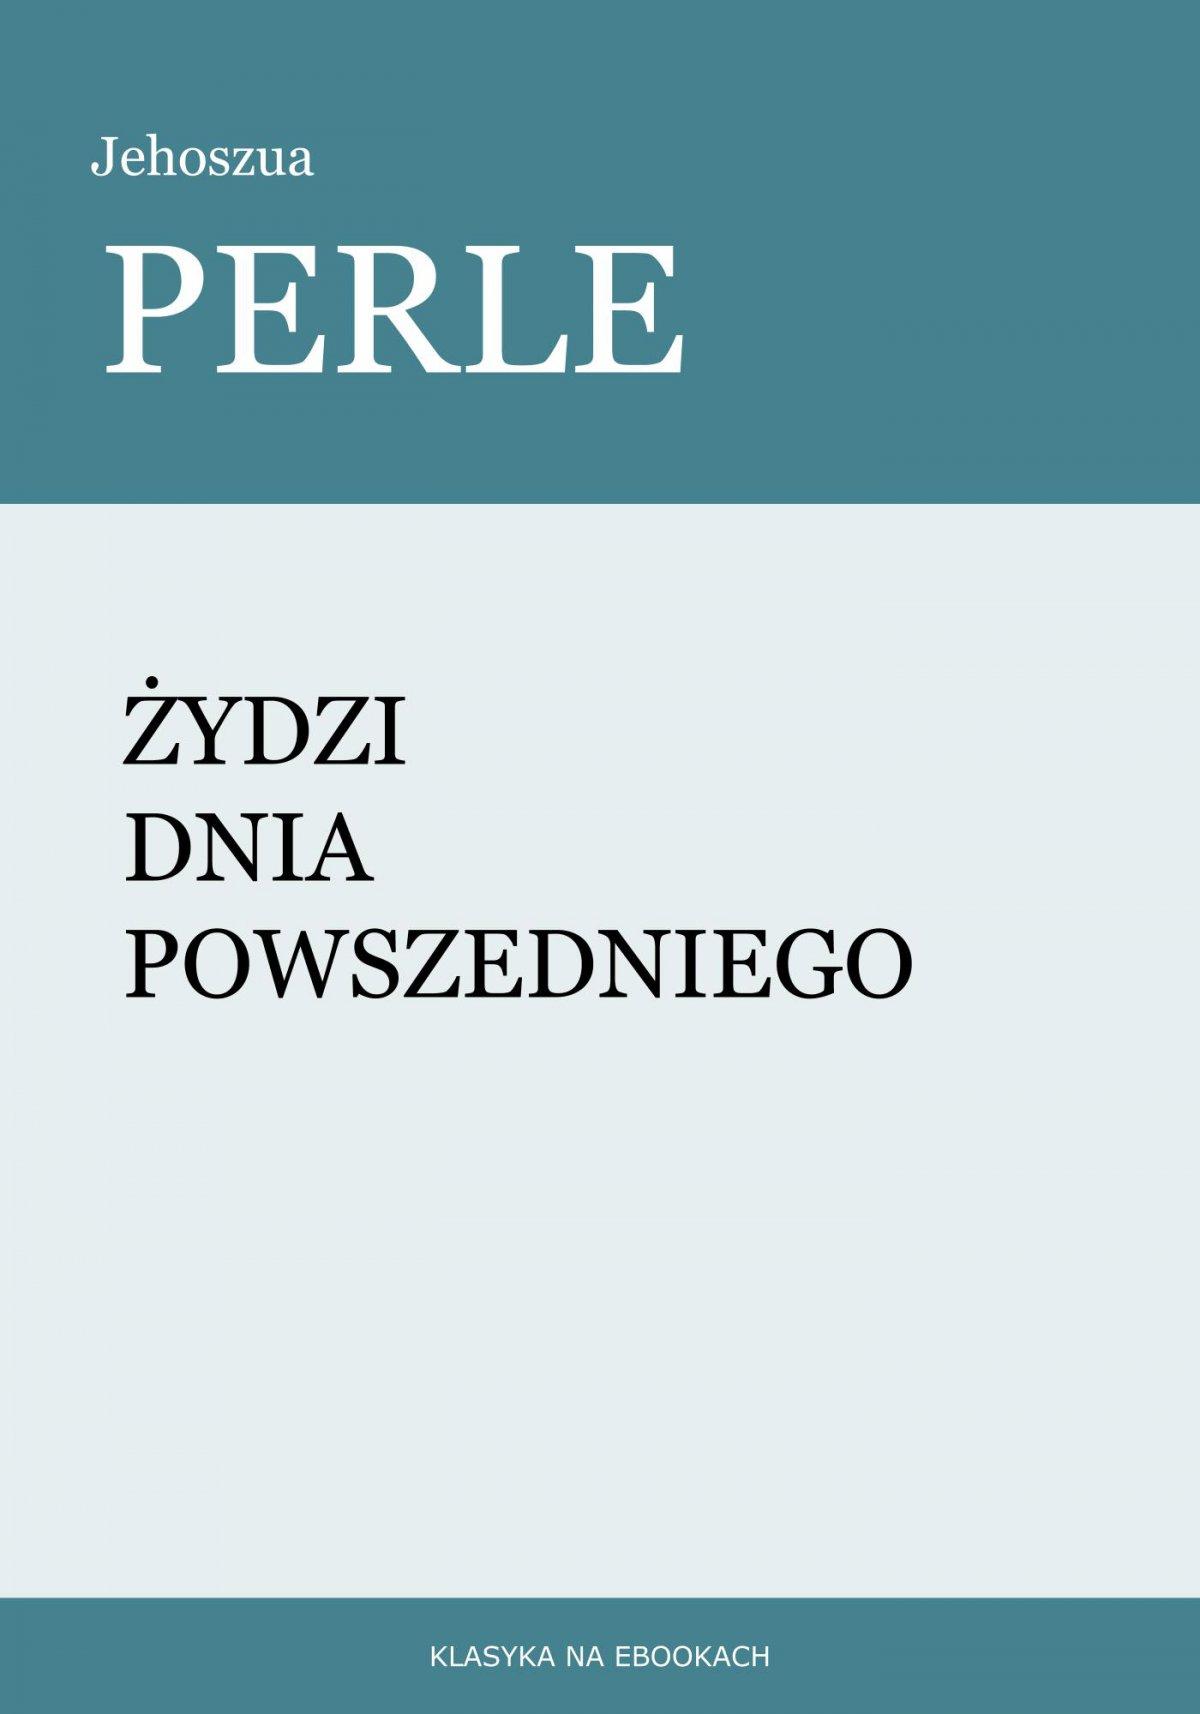 Żydzi dnia powszedniego - Ebook (Książka EPUB) do pobrania w formacie EPUB